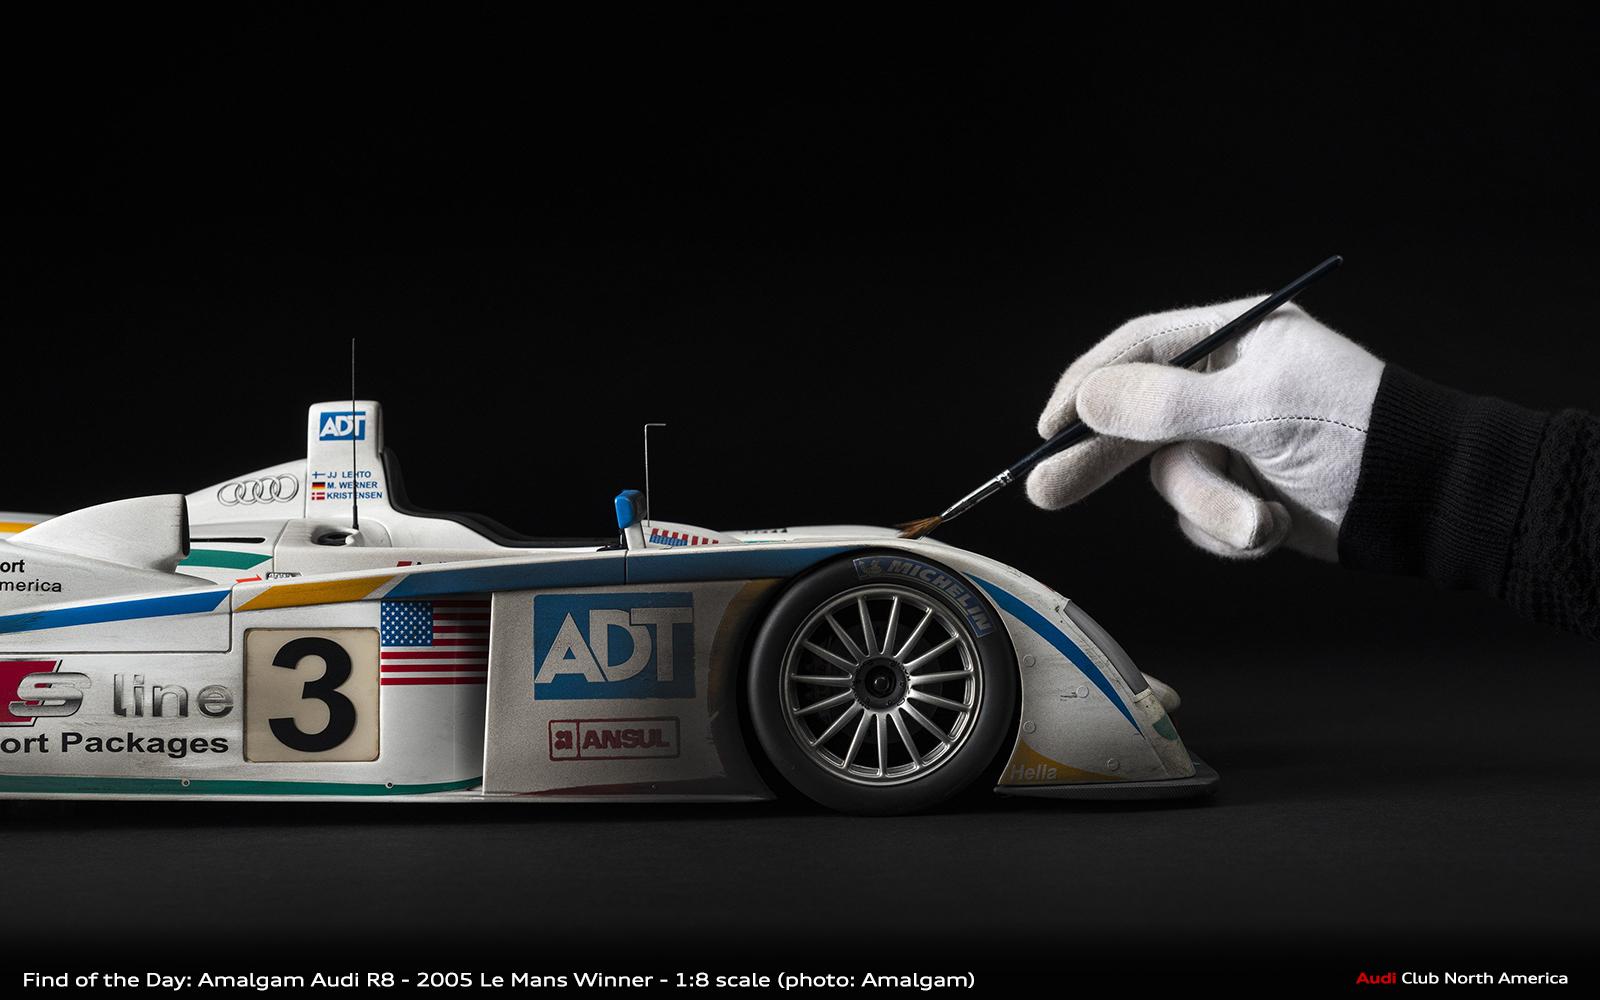 Weathered 2005 Le Mans Winning Audi R8 1:8 Scale by Amalgam